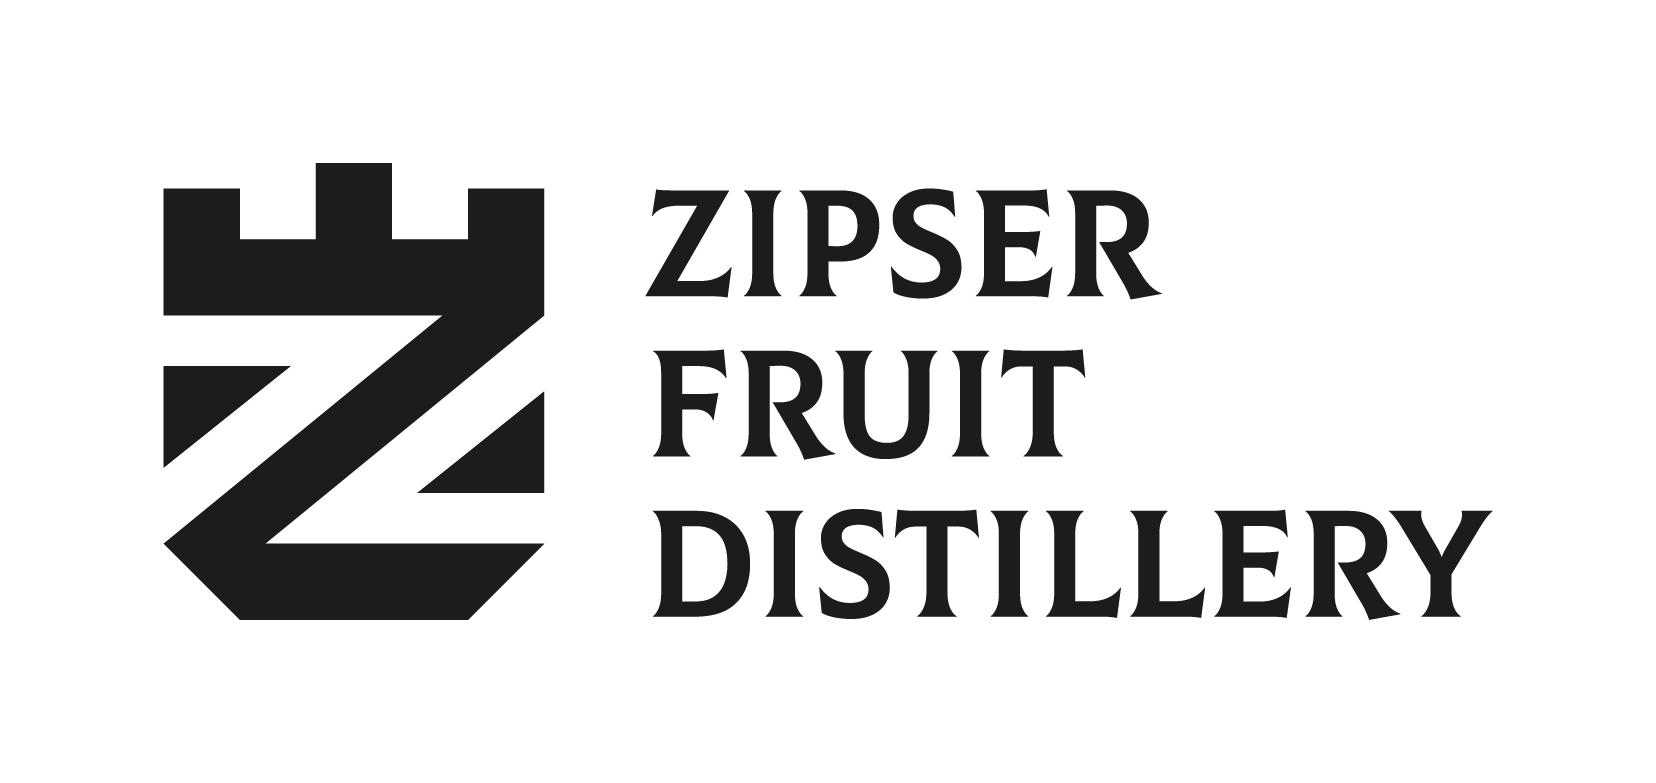 https://www.zfd.sk/wp-content/uploads/2020/04/Logo_ZFD-1-1.jpg